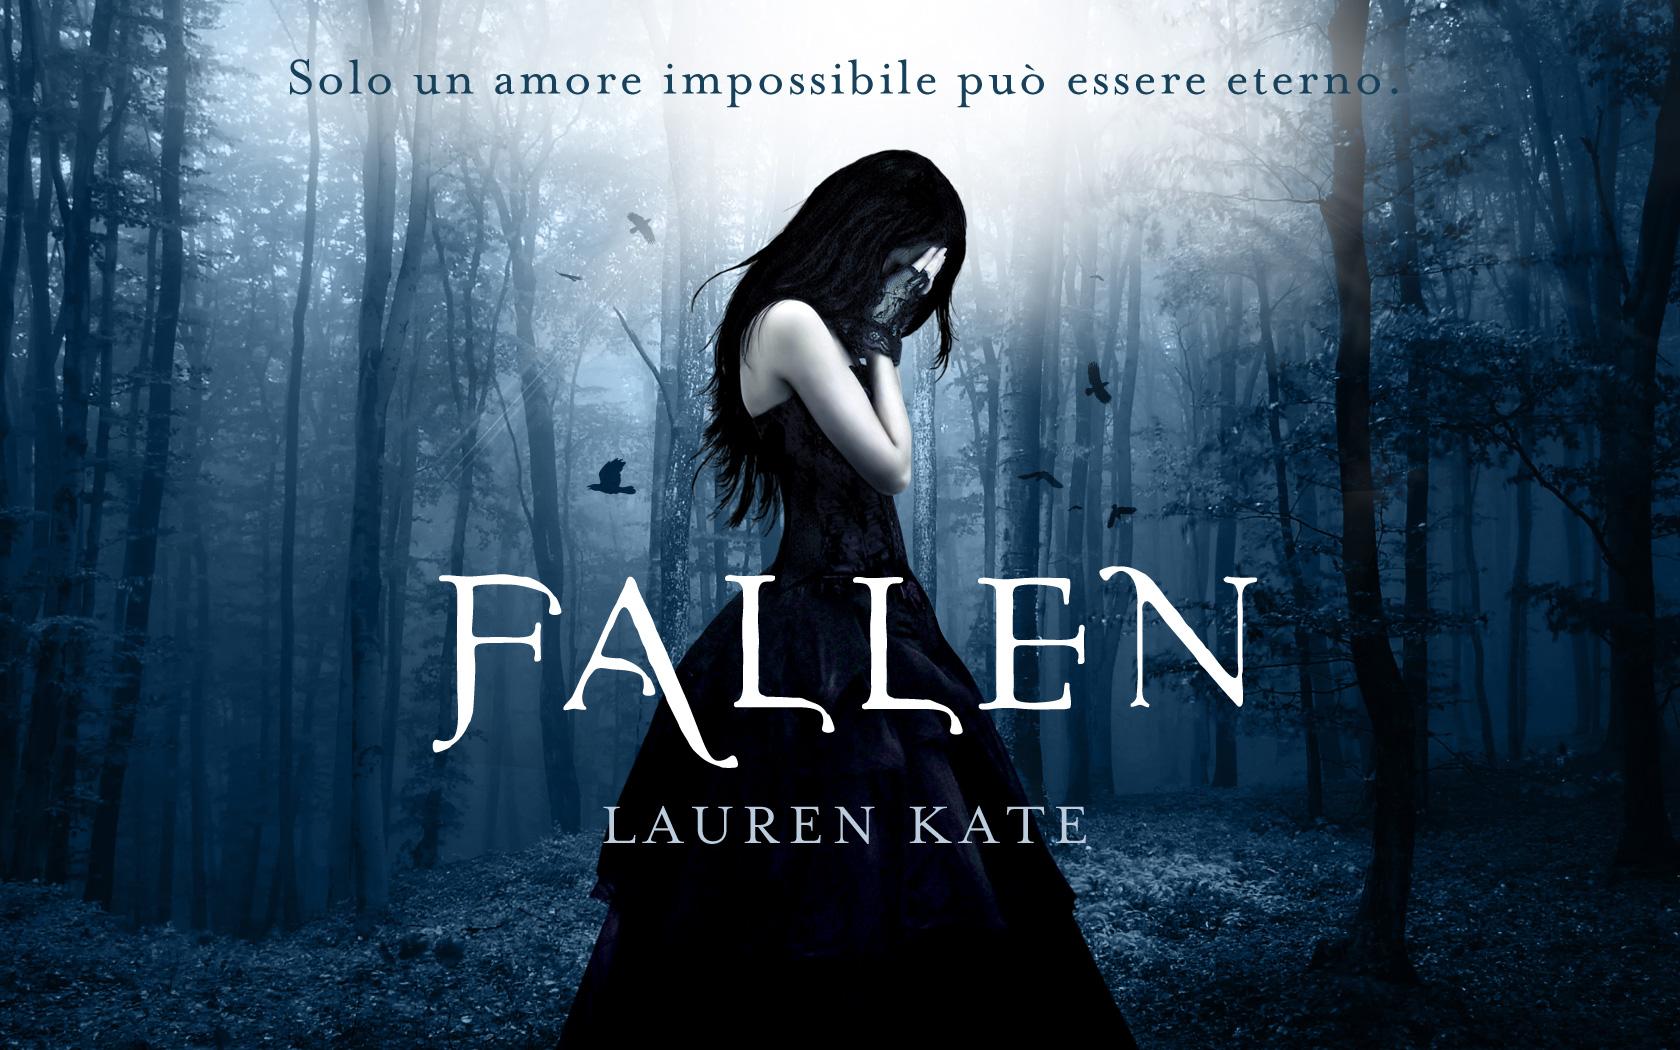 Scott-Hicks-Lauren-Kate-Fallen